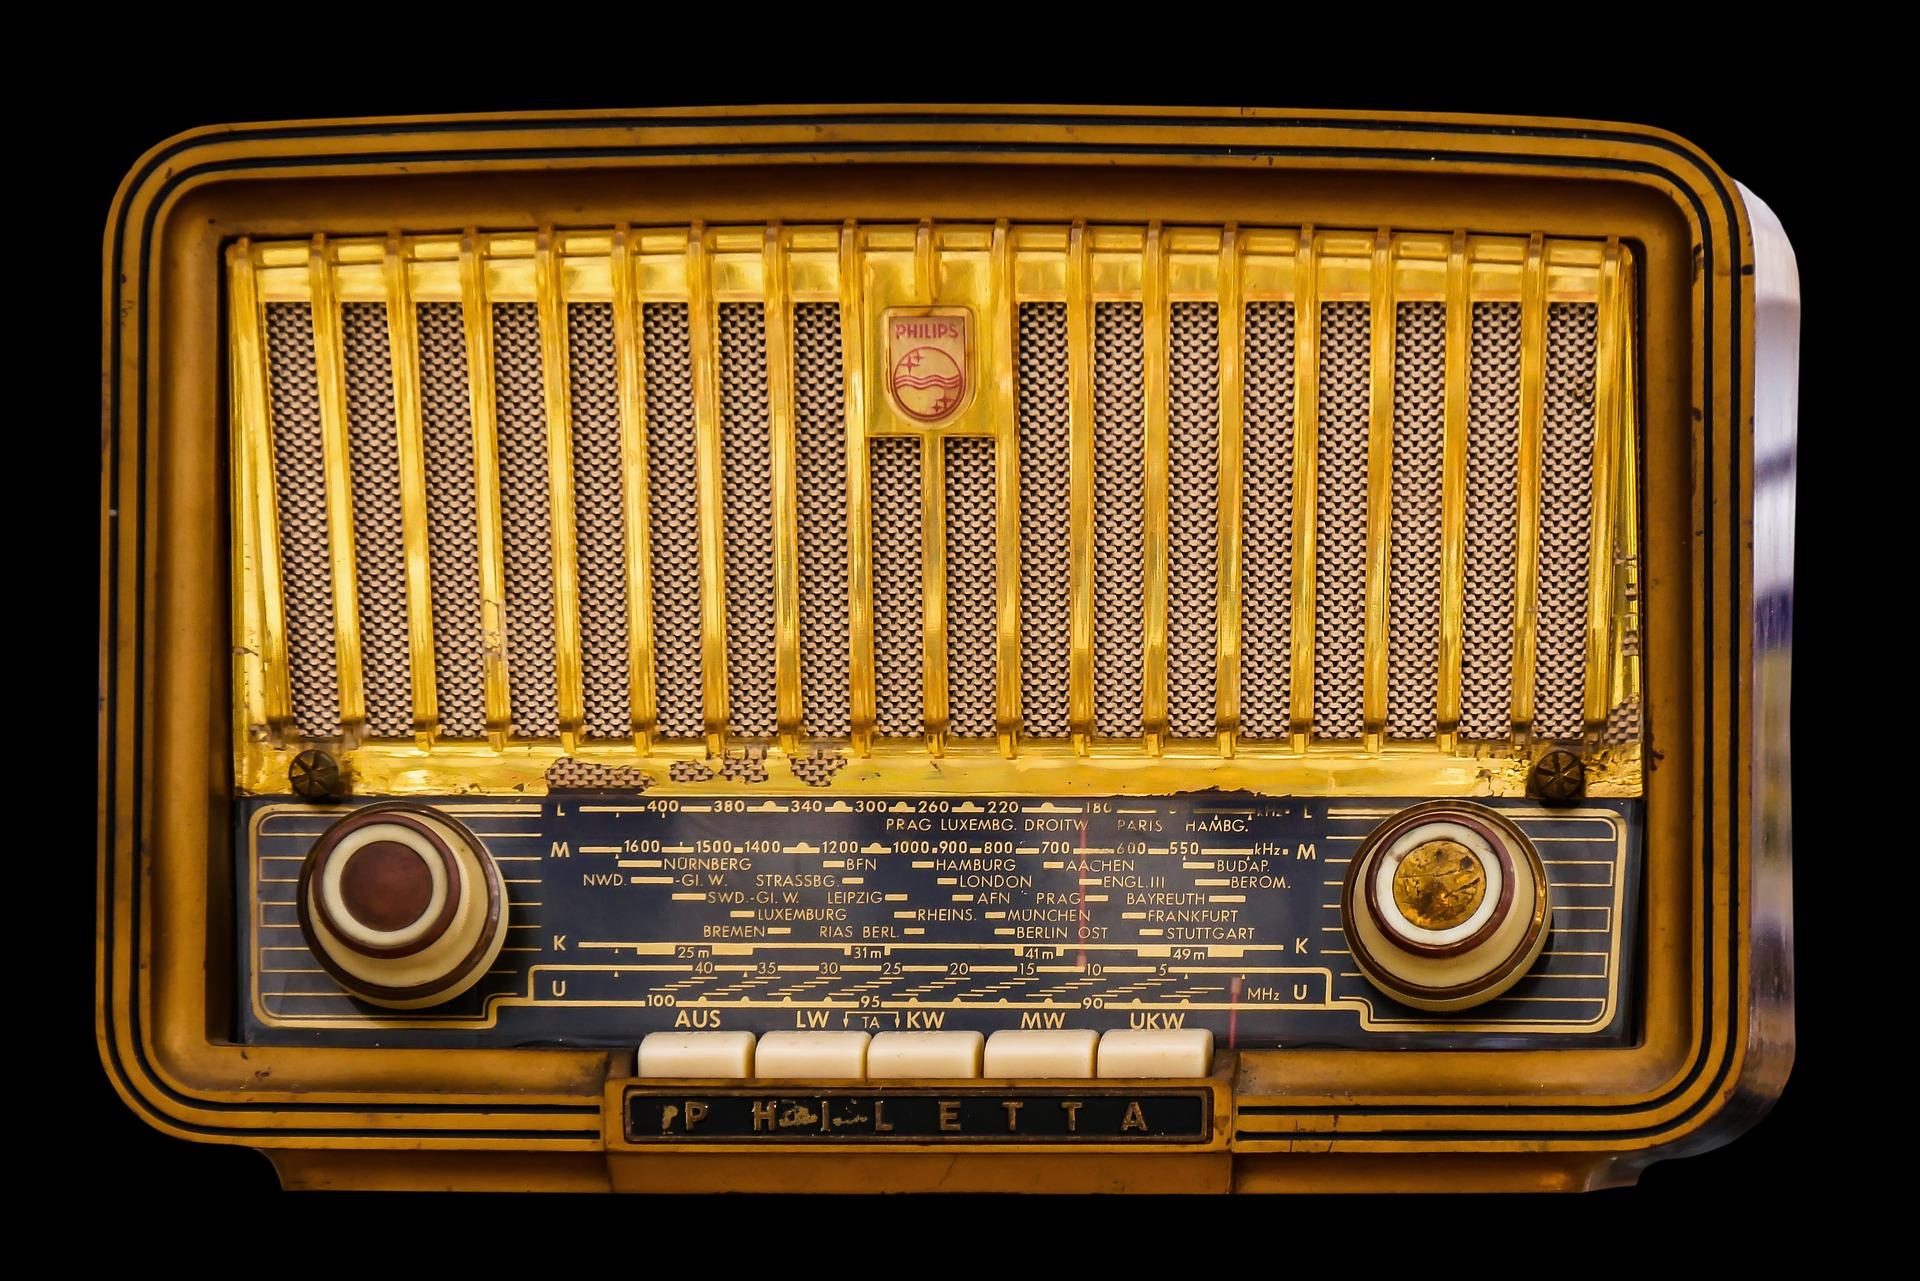 איך להטמיע רדיו ומוזיקה באתר שלכם?